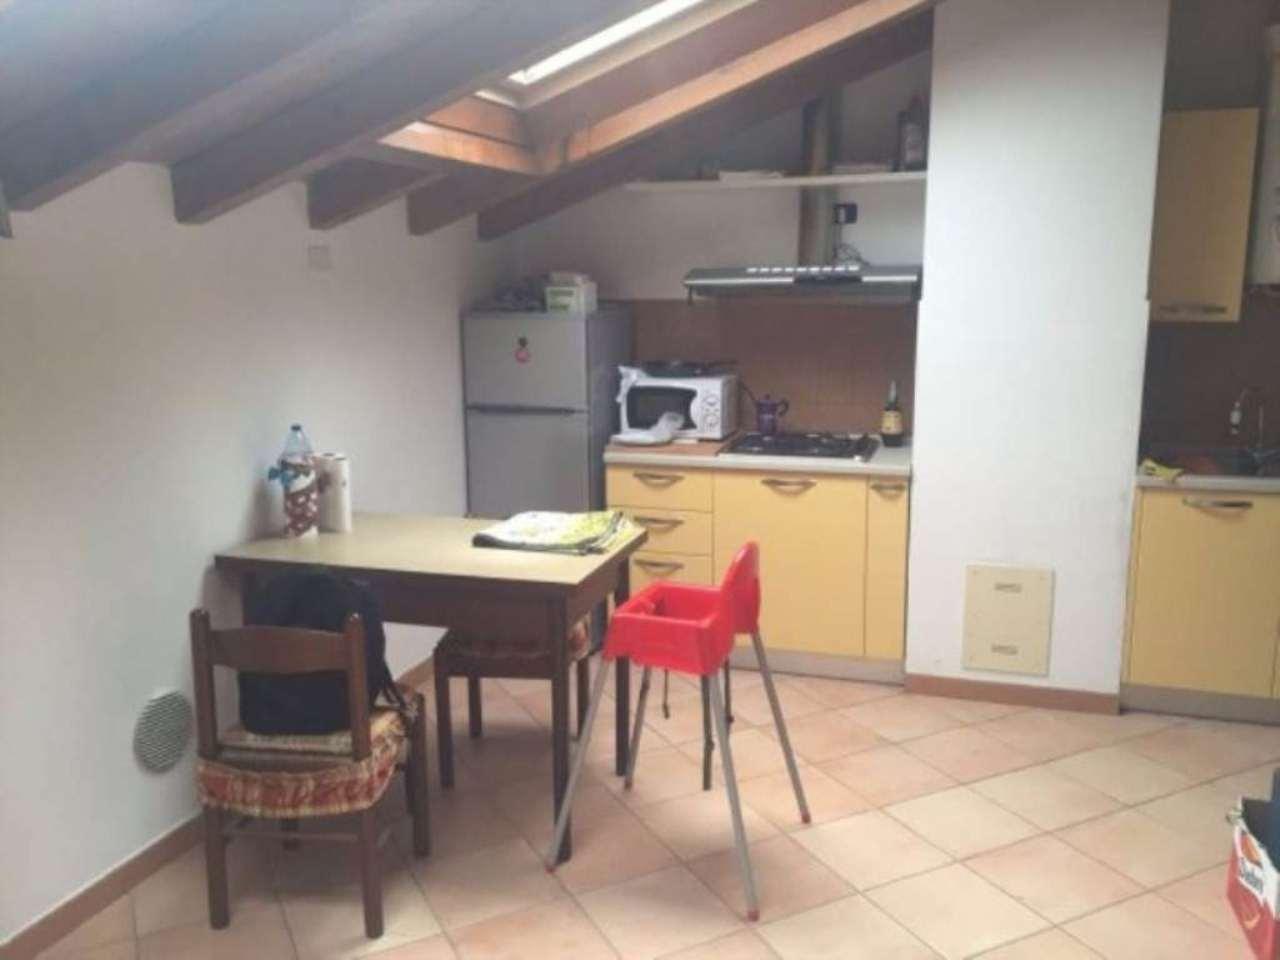 Attico / Mansarda in affitto a Travacò Siccomario, 2 locali, prezzo € 430 | Cambio Casa.it